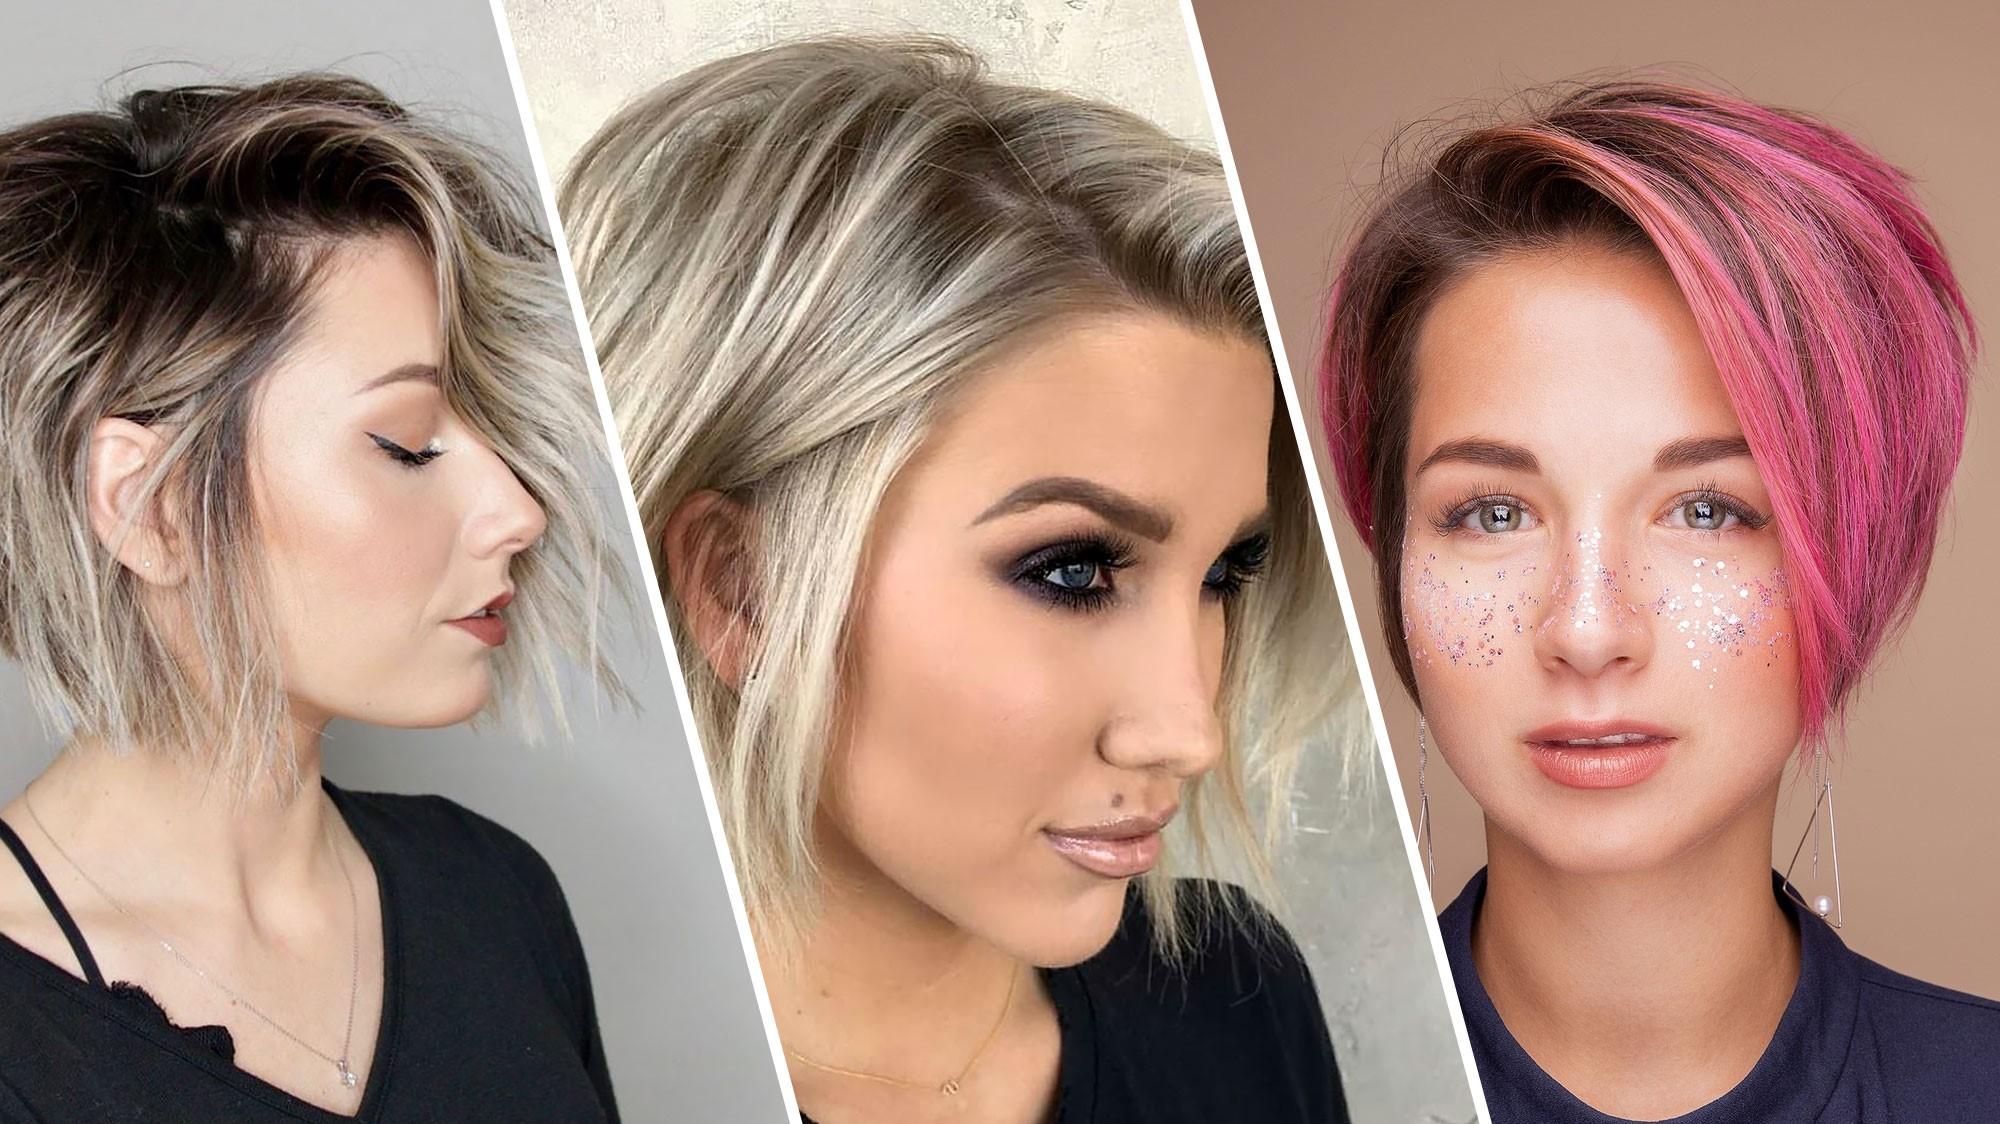 Coiffures tendance en 2020 : variations de la coupe de cheveux bob.